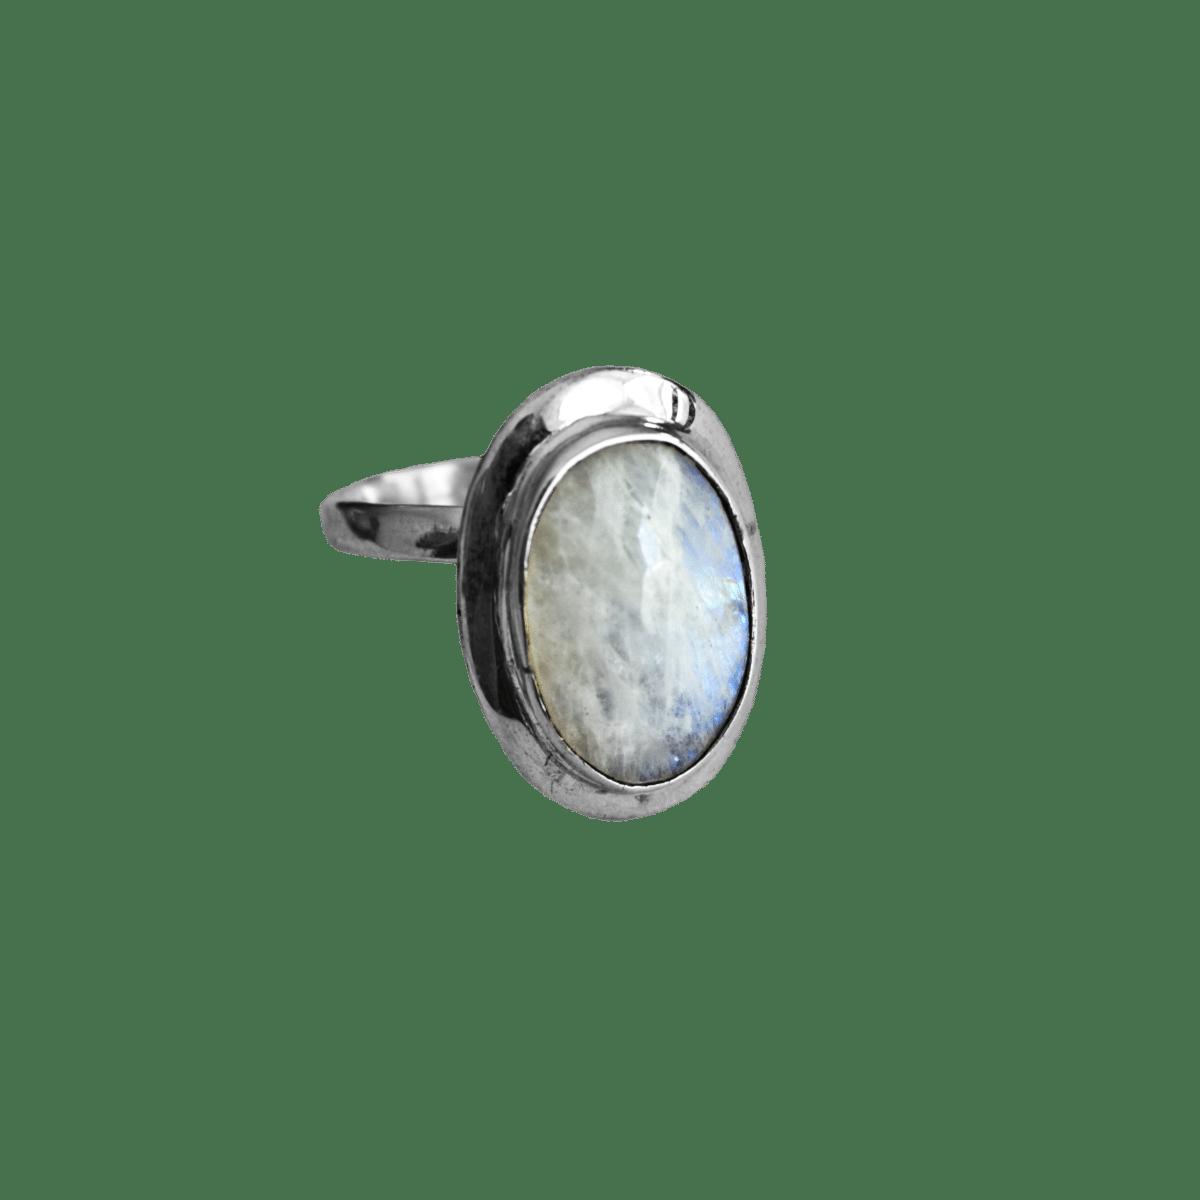 anillo plata piedra luna ovalo 1